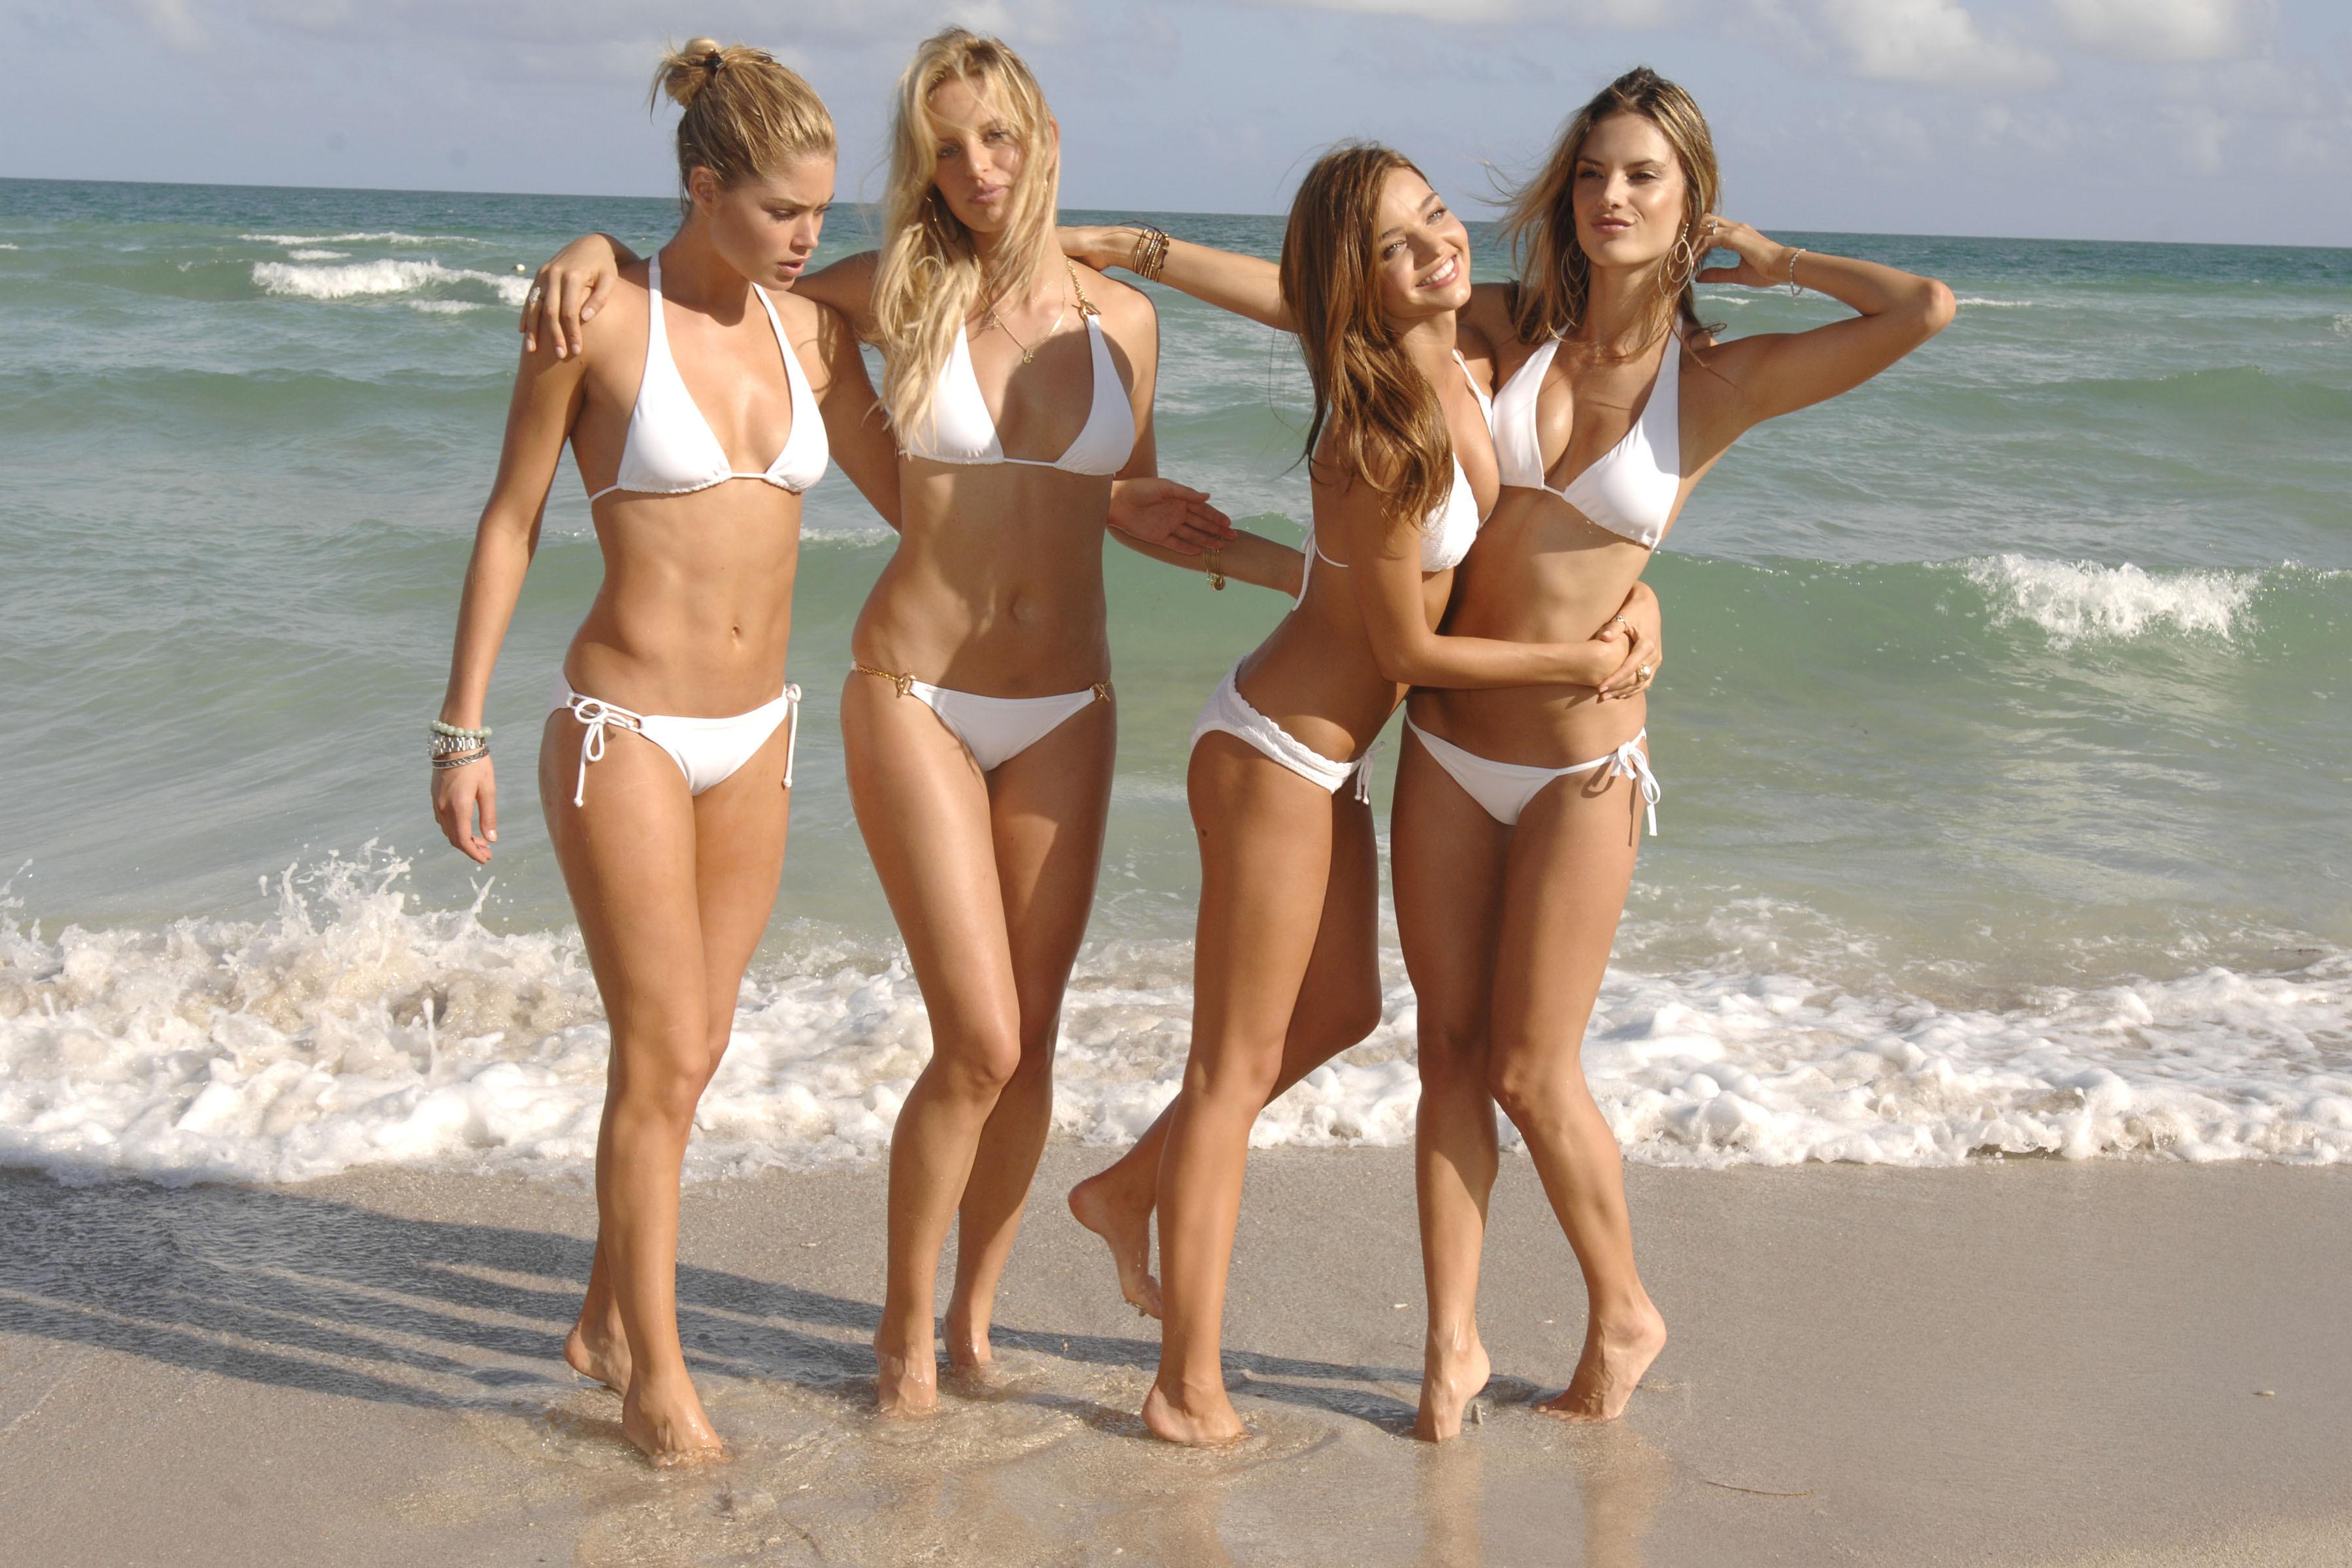 Вызывающие фото на пляже